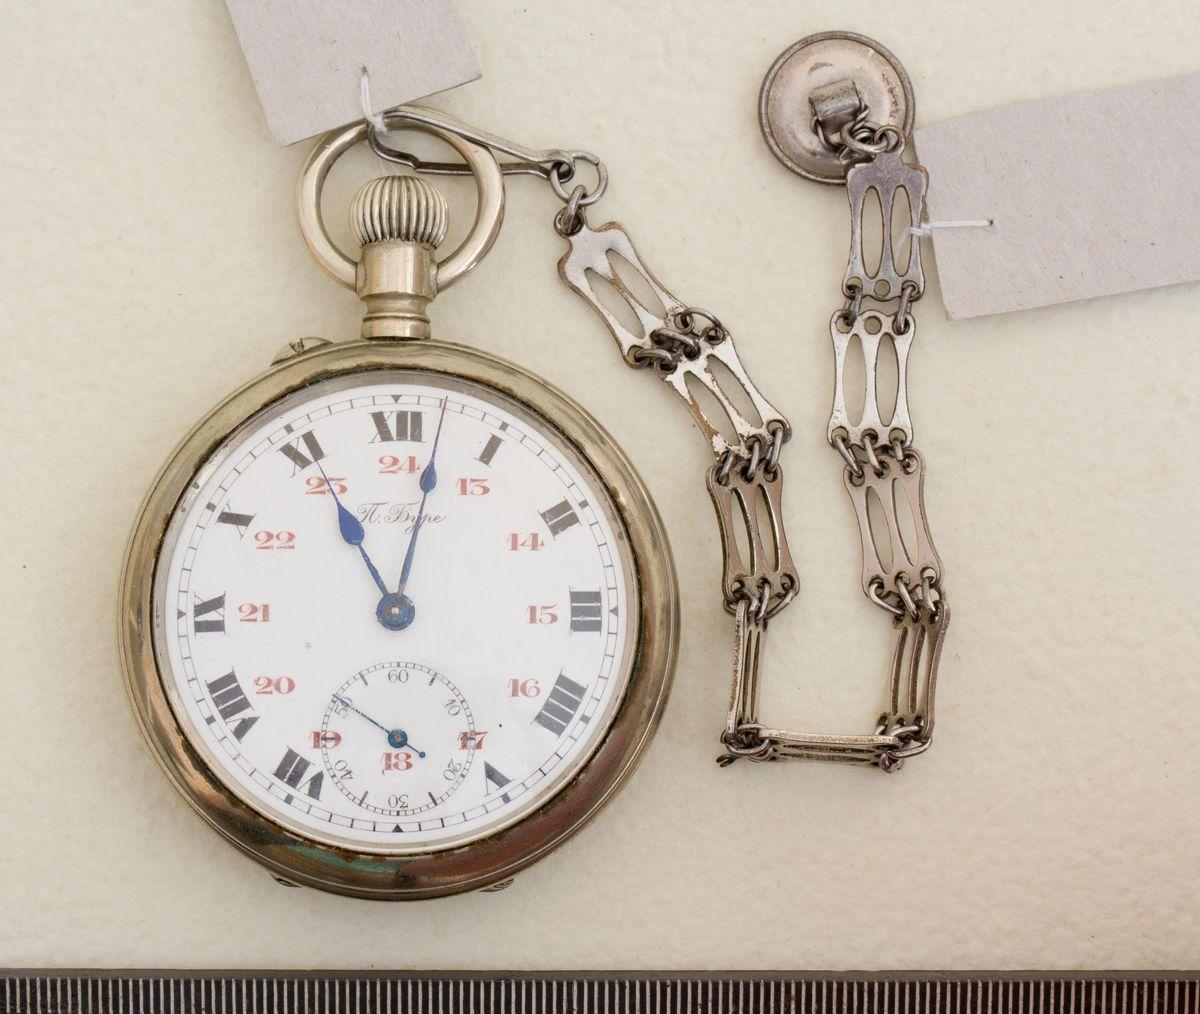 АОКМ КП-50677-1 Пр-179 Часы карманные 'Павелъ Буре'